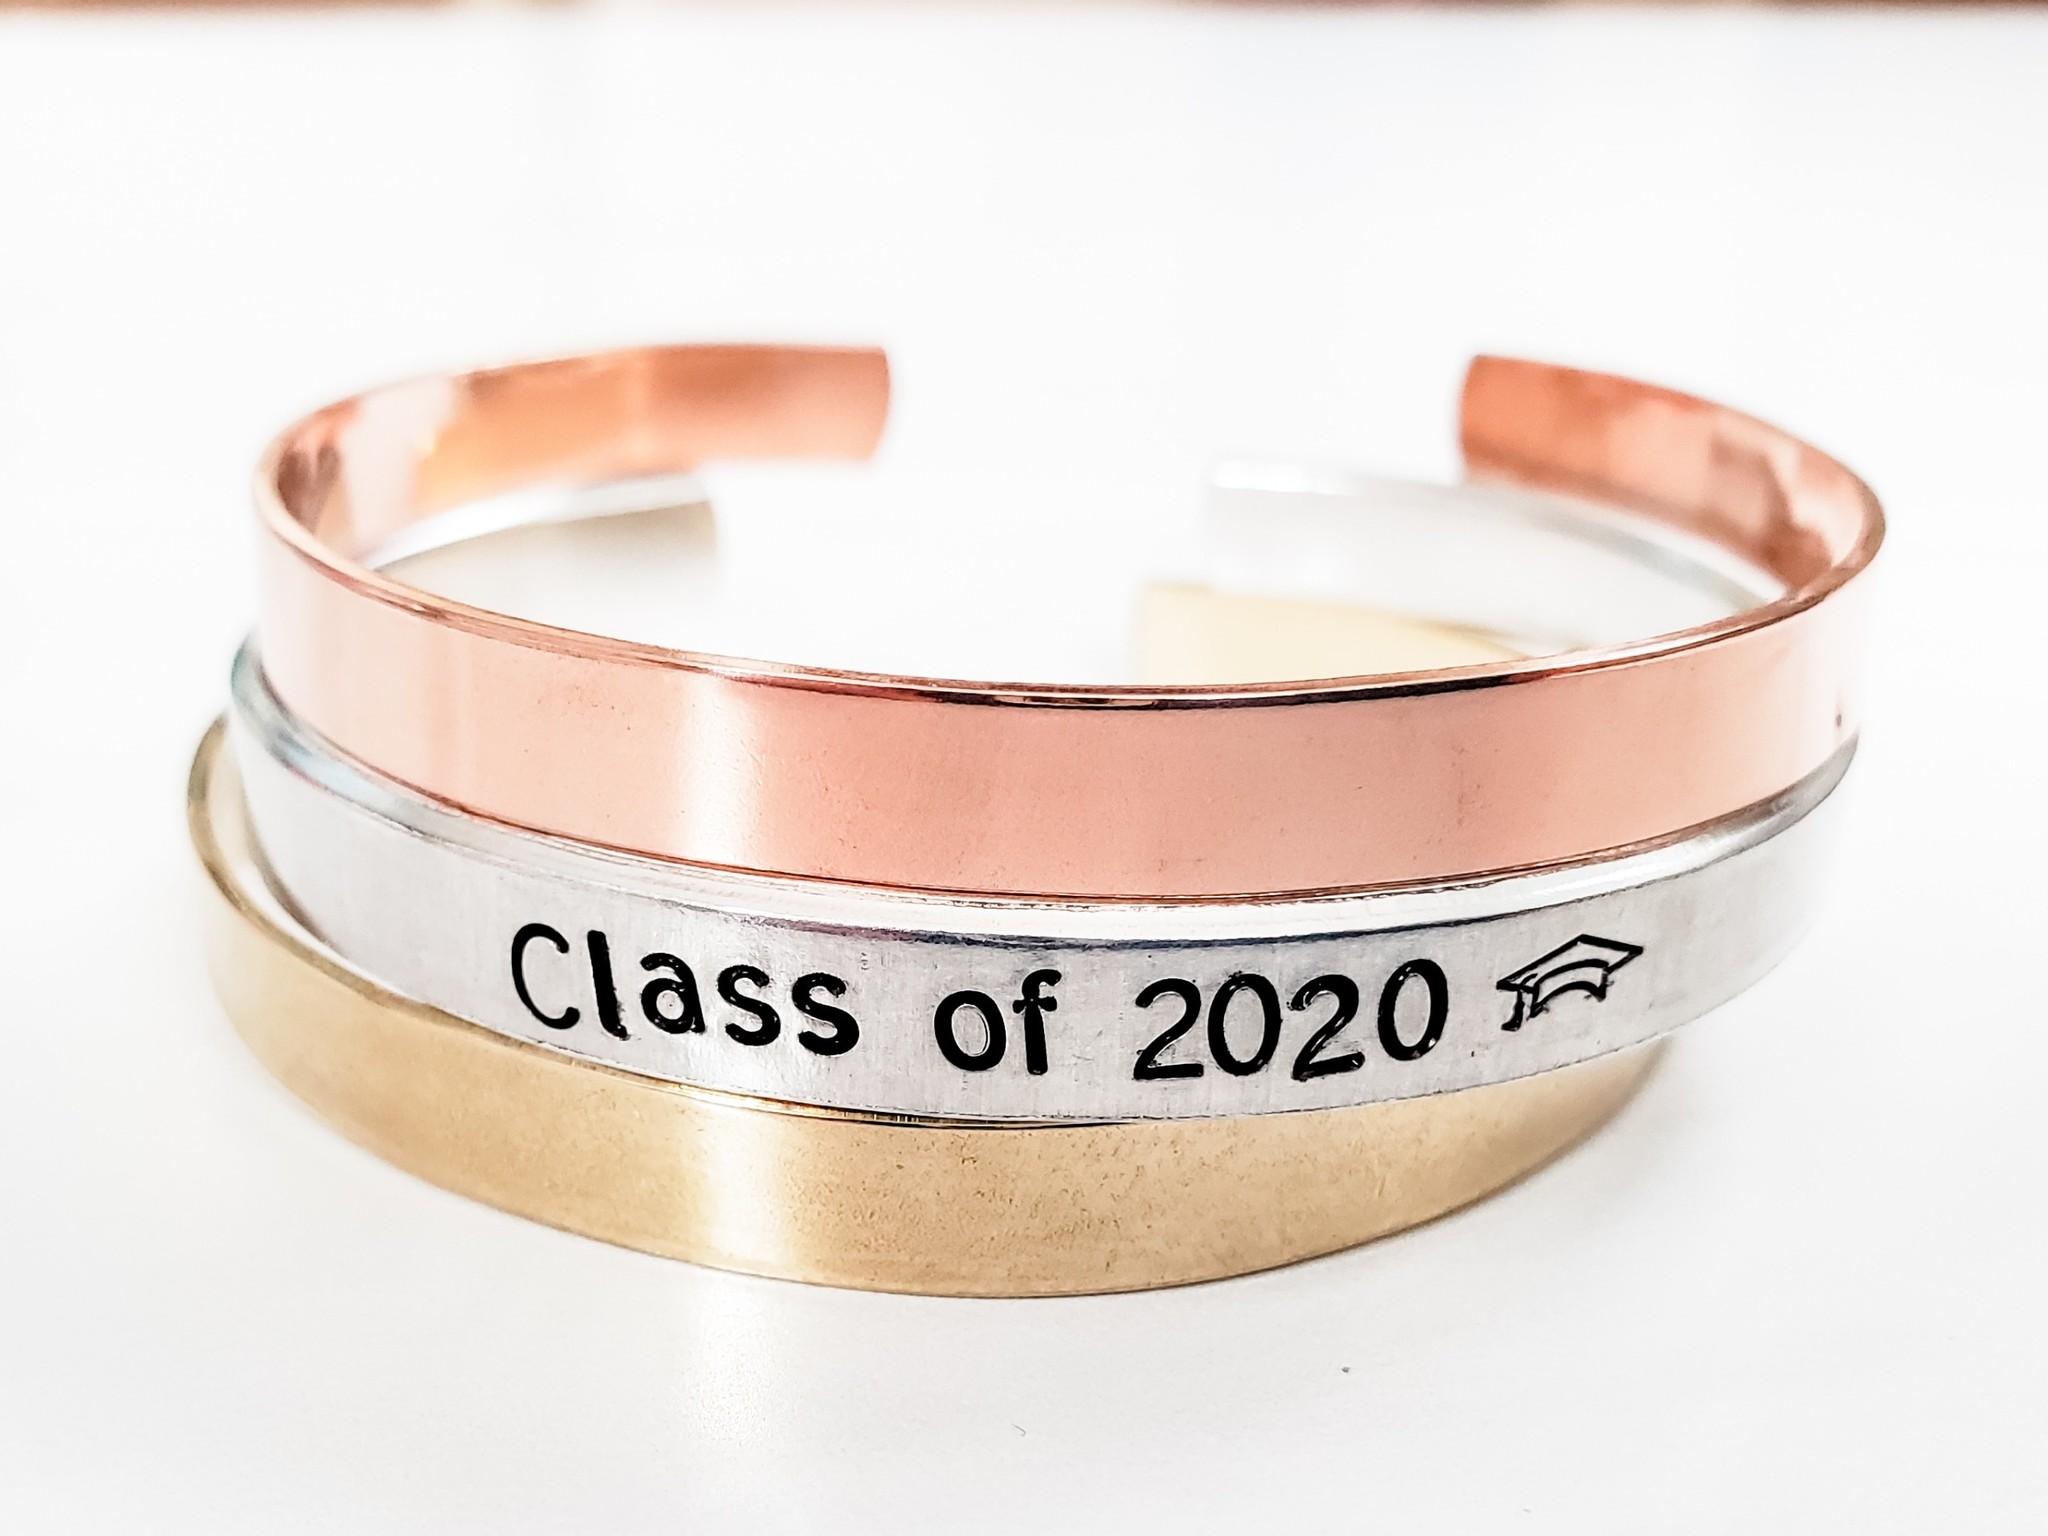 Rockaway Gypsea Class of 2020 Cuff Bracelet